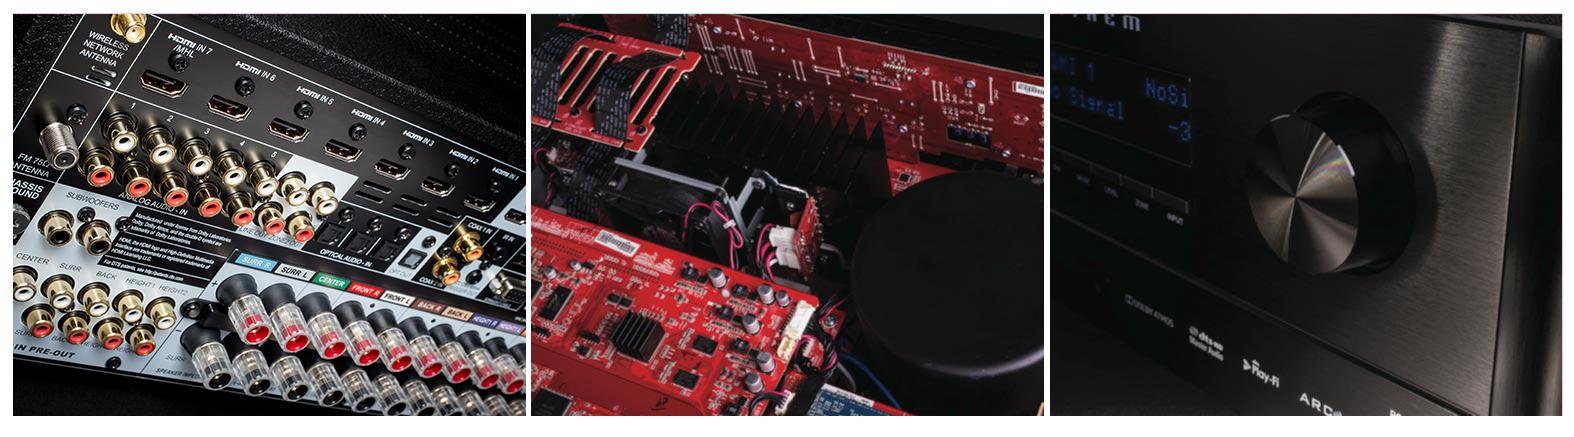 mrx1120-details-1.jpg